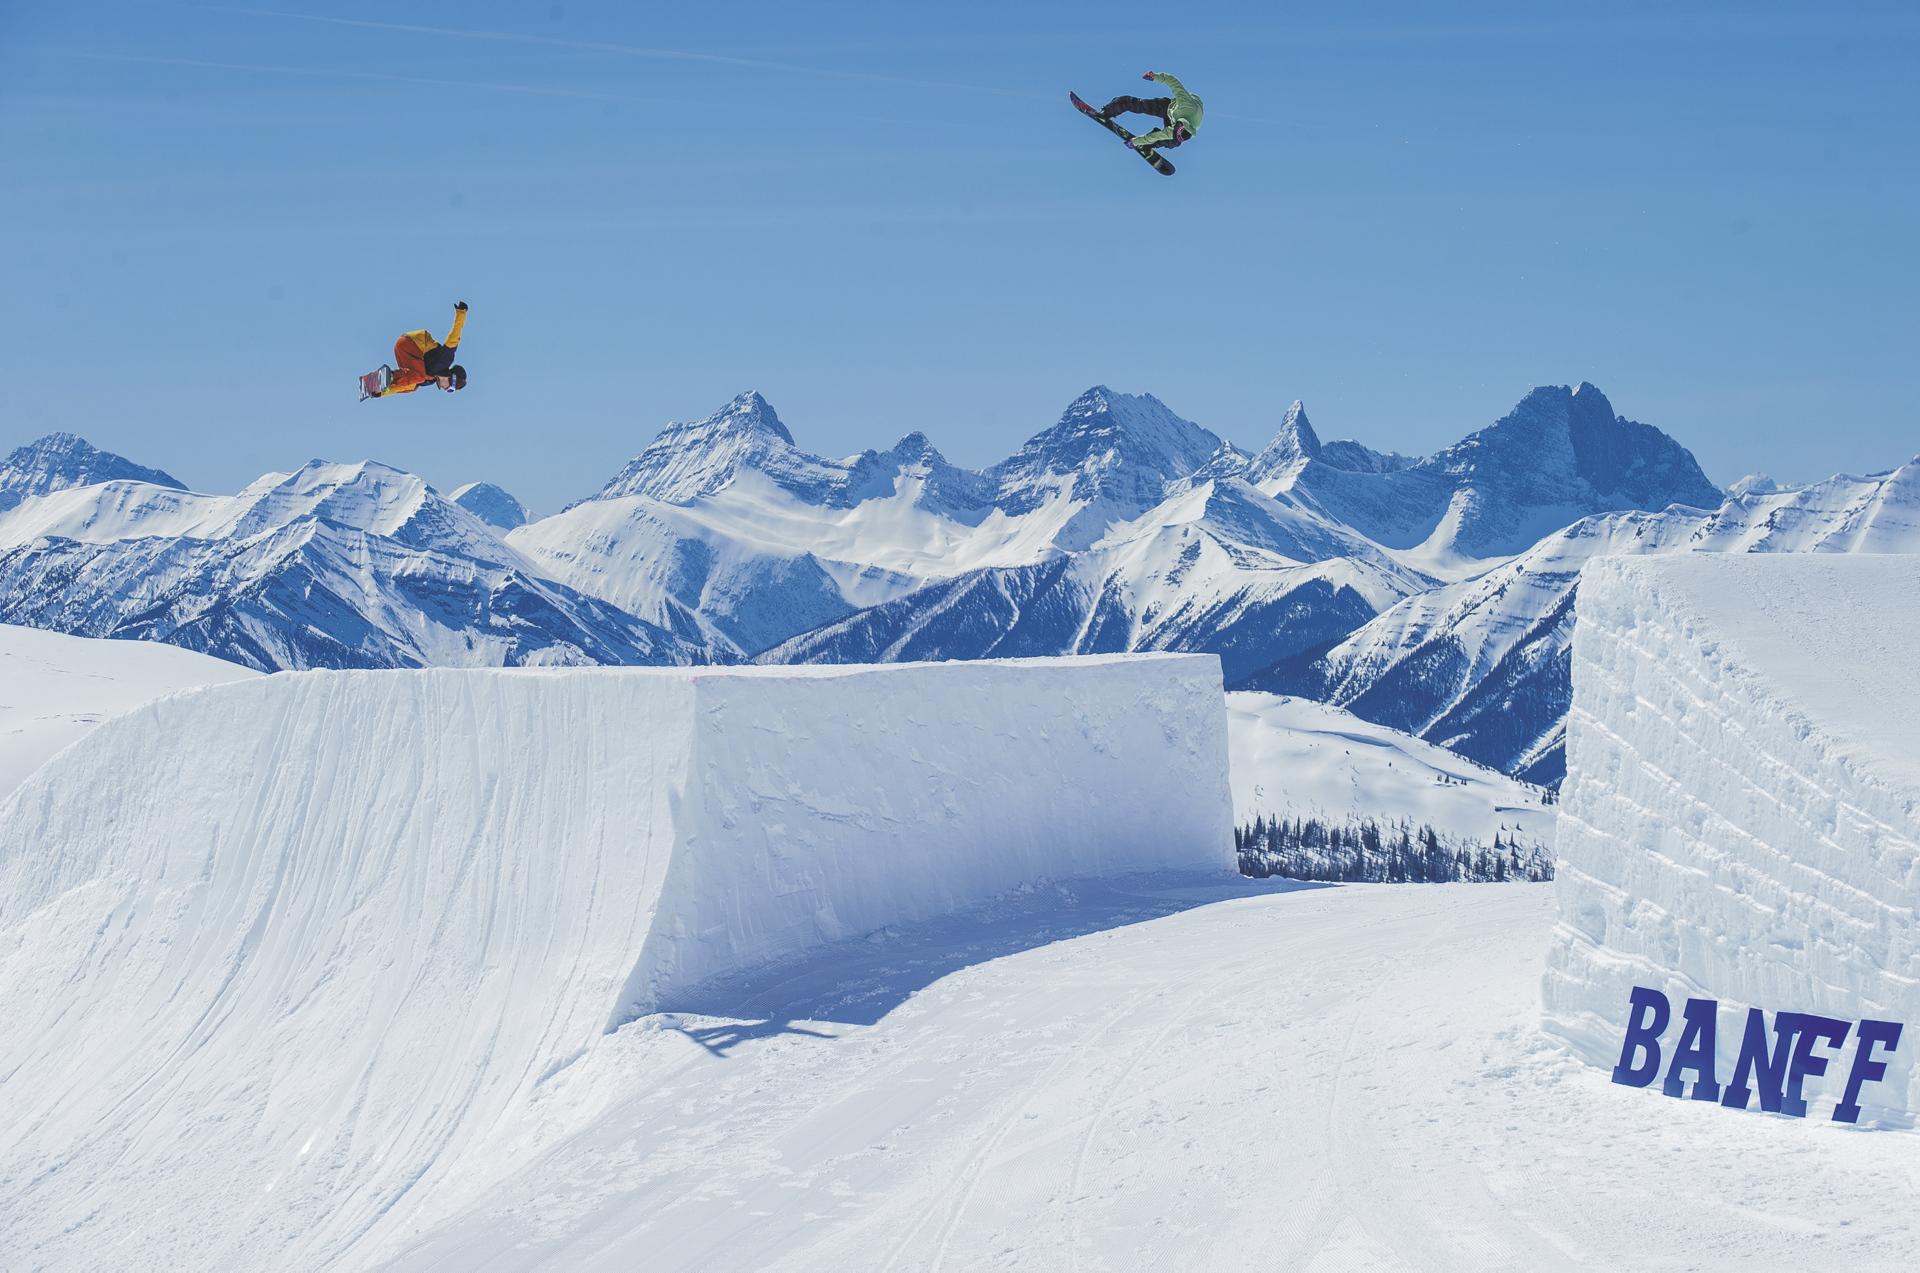 Snowboard Park in Banff